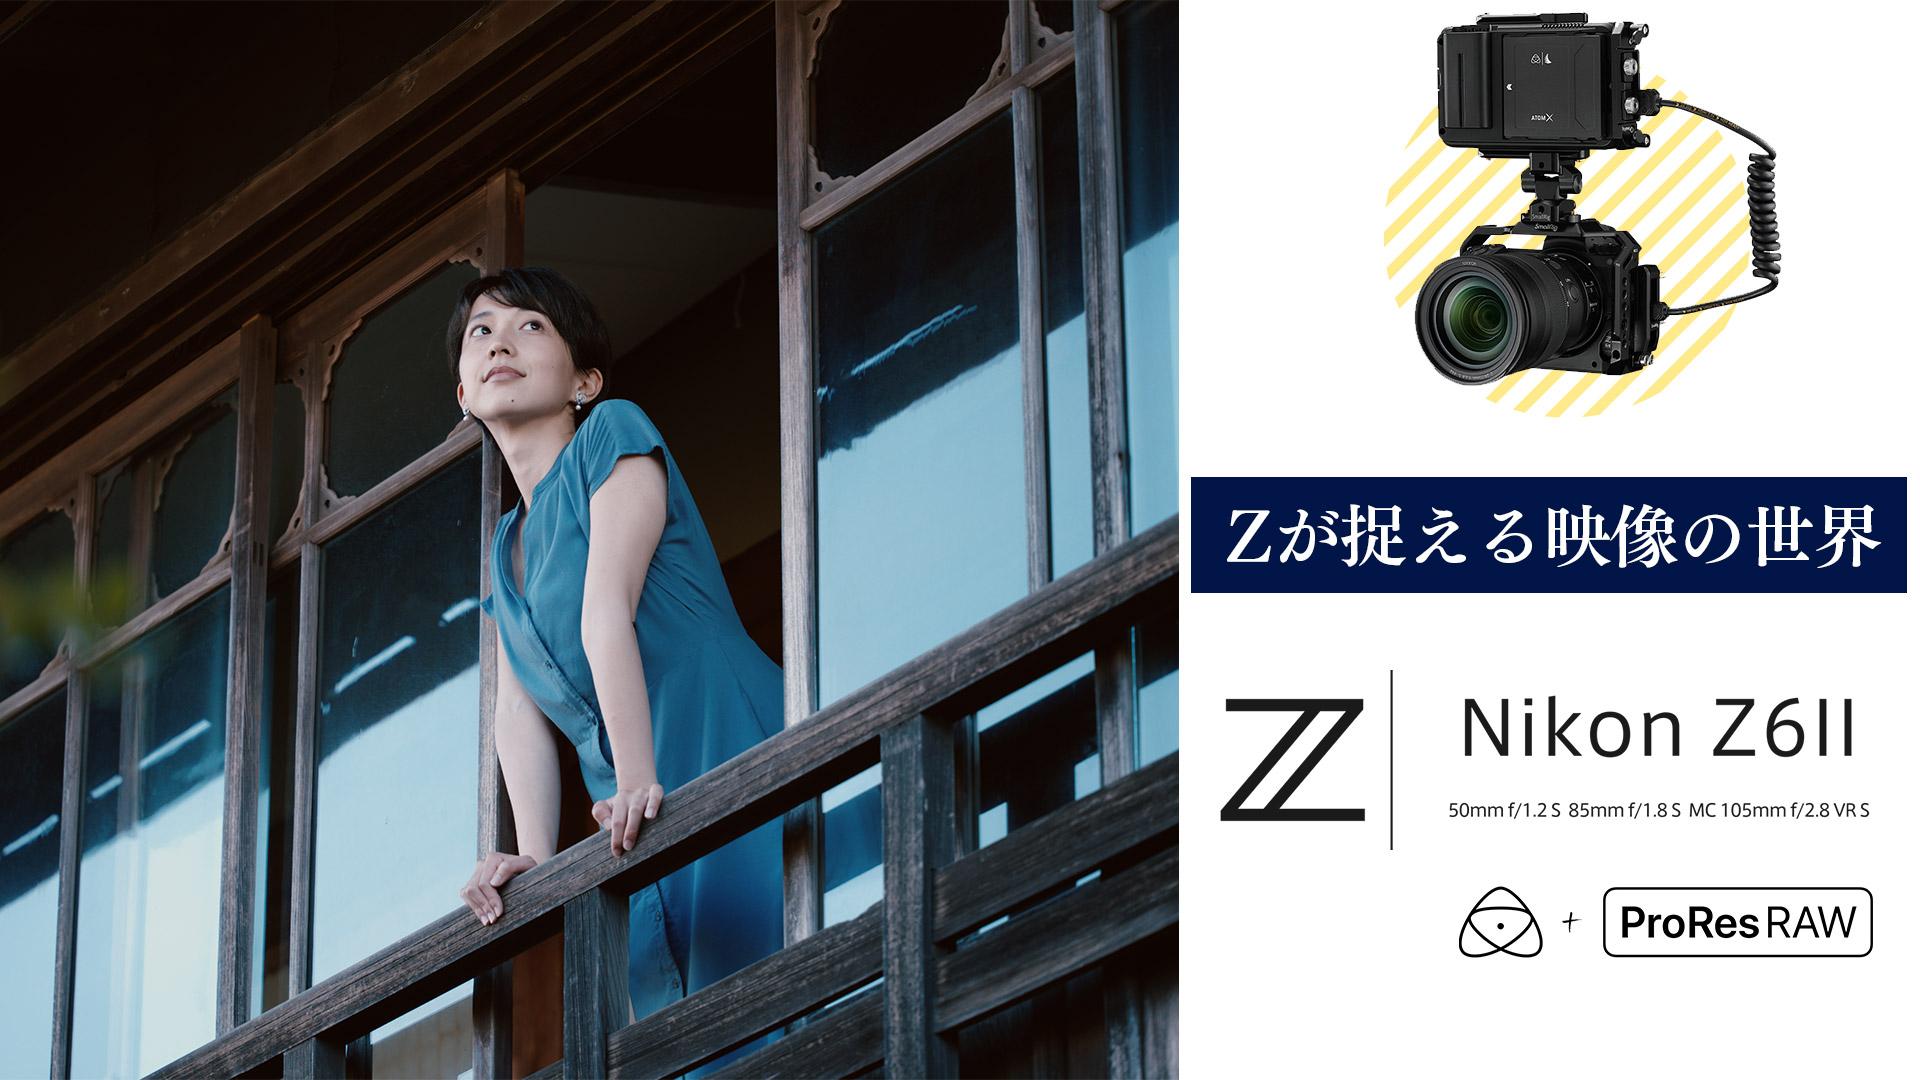 【撮影レポート】Nikon Z6II + ProRes RAW|NIKKOR Zレンズが捉える映像の世界